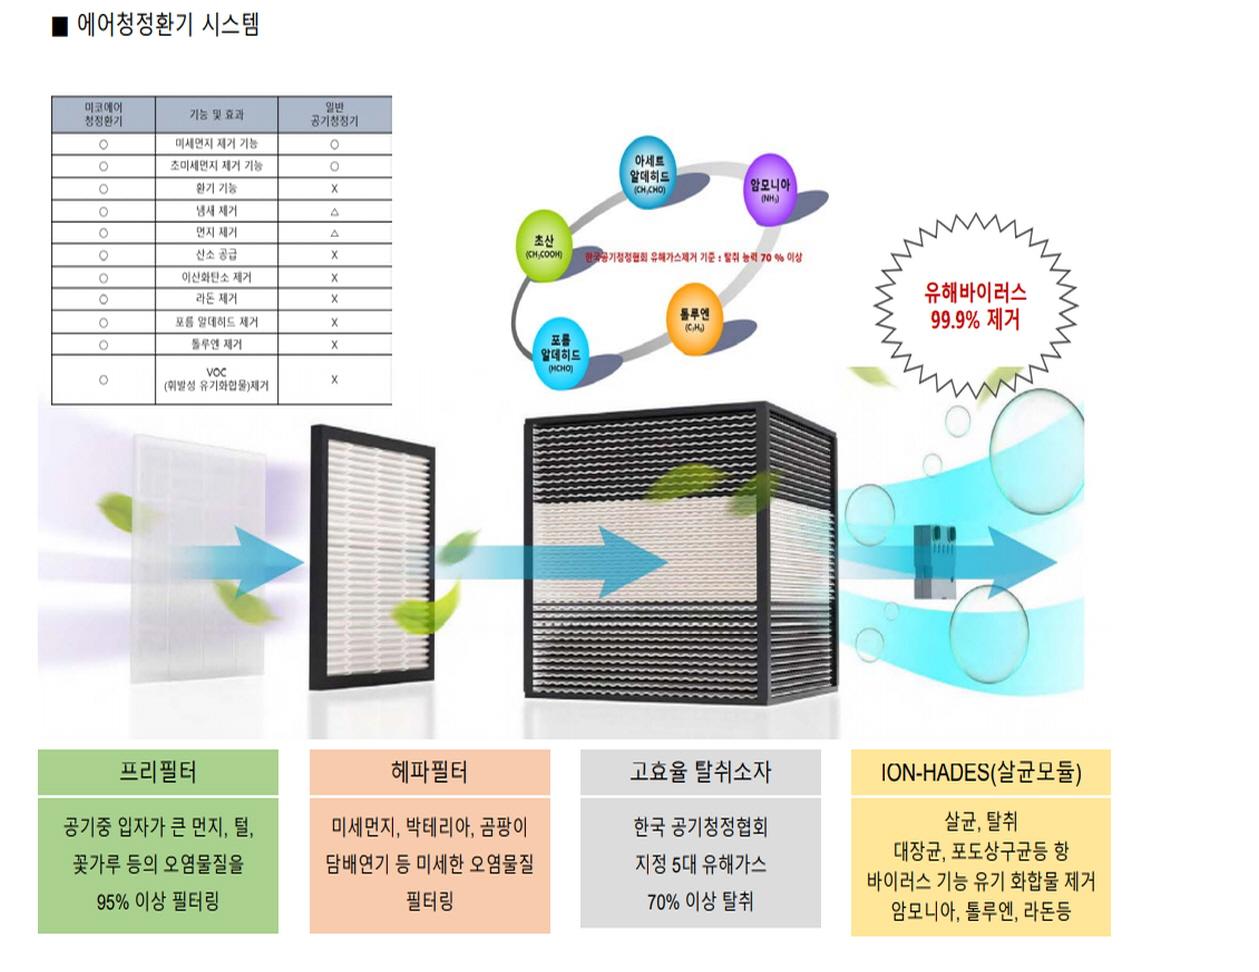 구미 교리 광신프로그레스 미세먼지제거 시스템.jpg